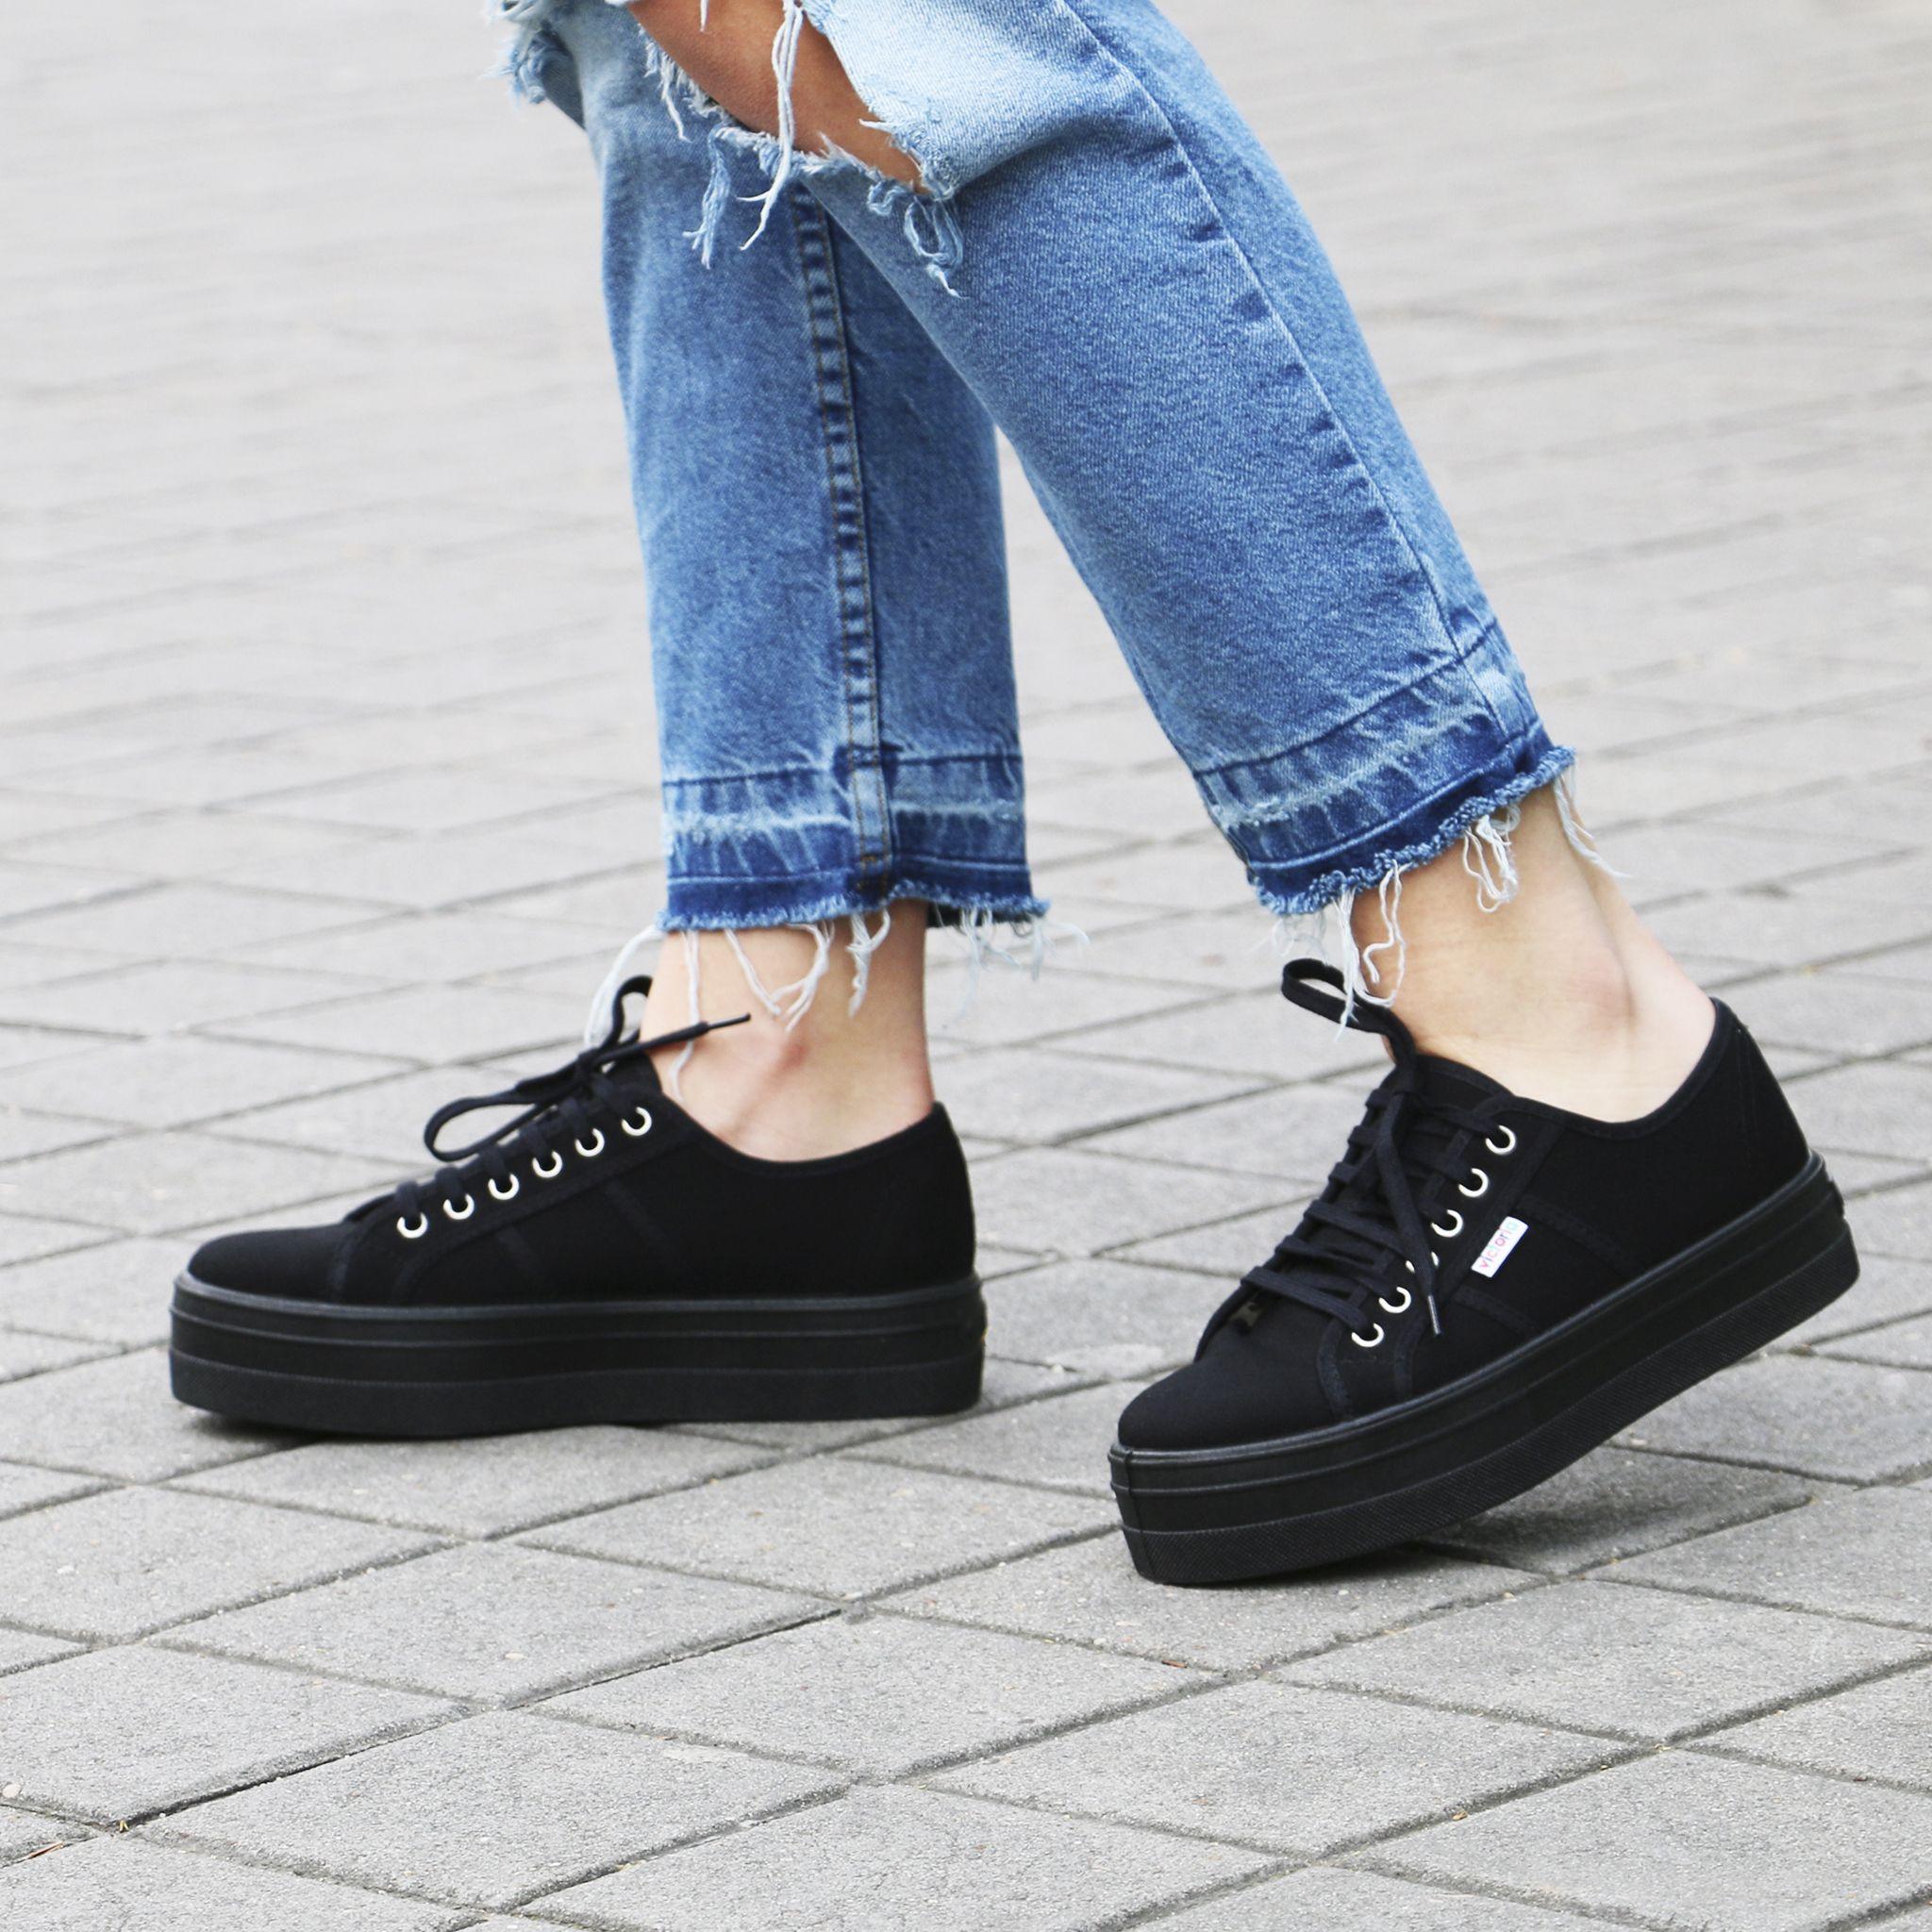 online store 87f23 de3cb ¡Pisa fuerte con estas zapatillas  Victoria de plataforma!